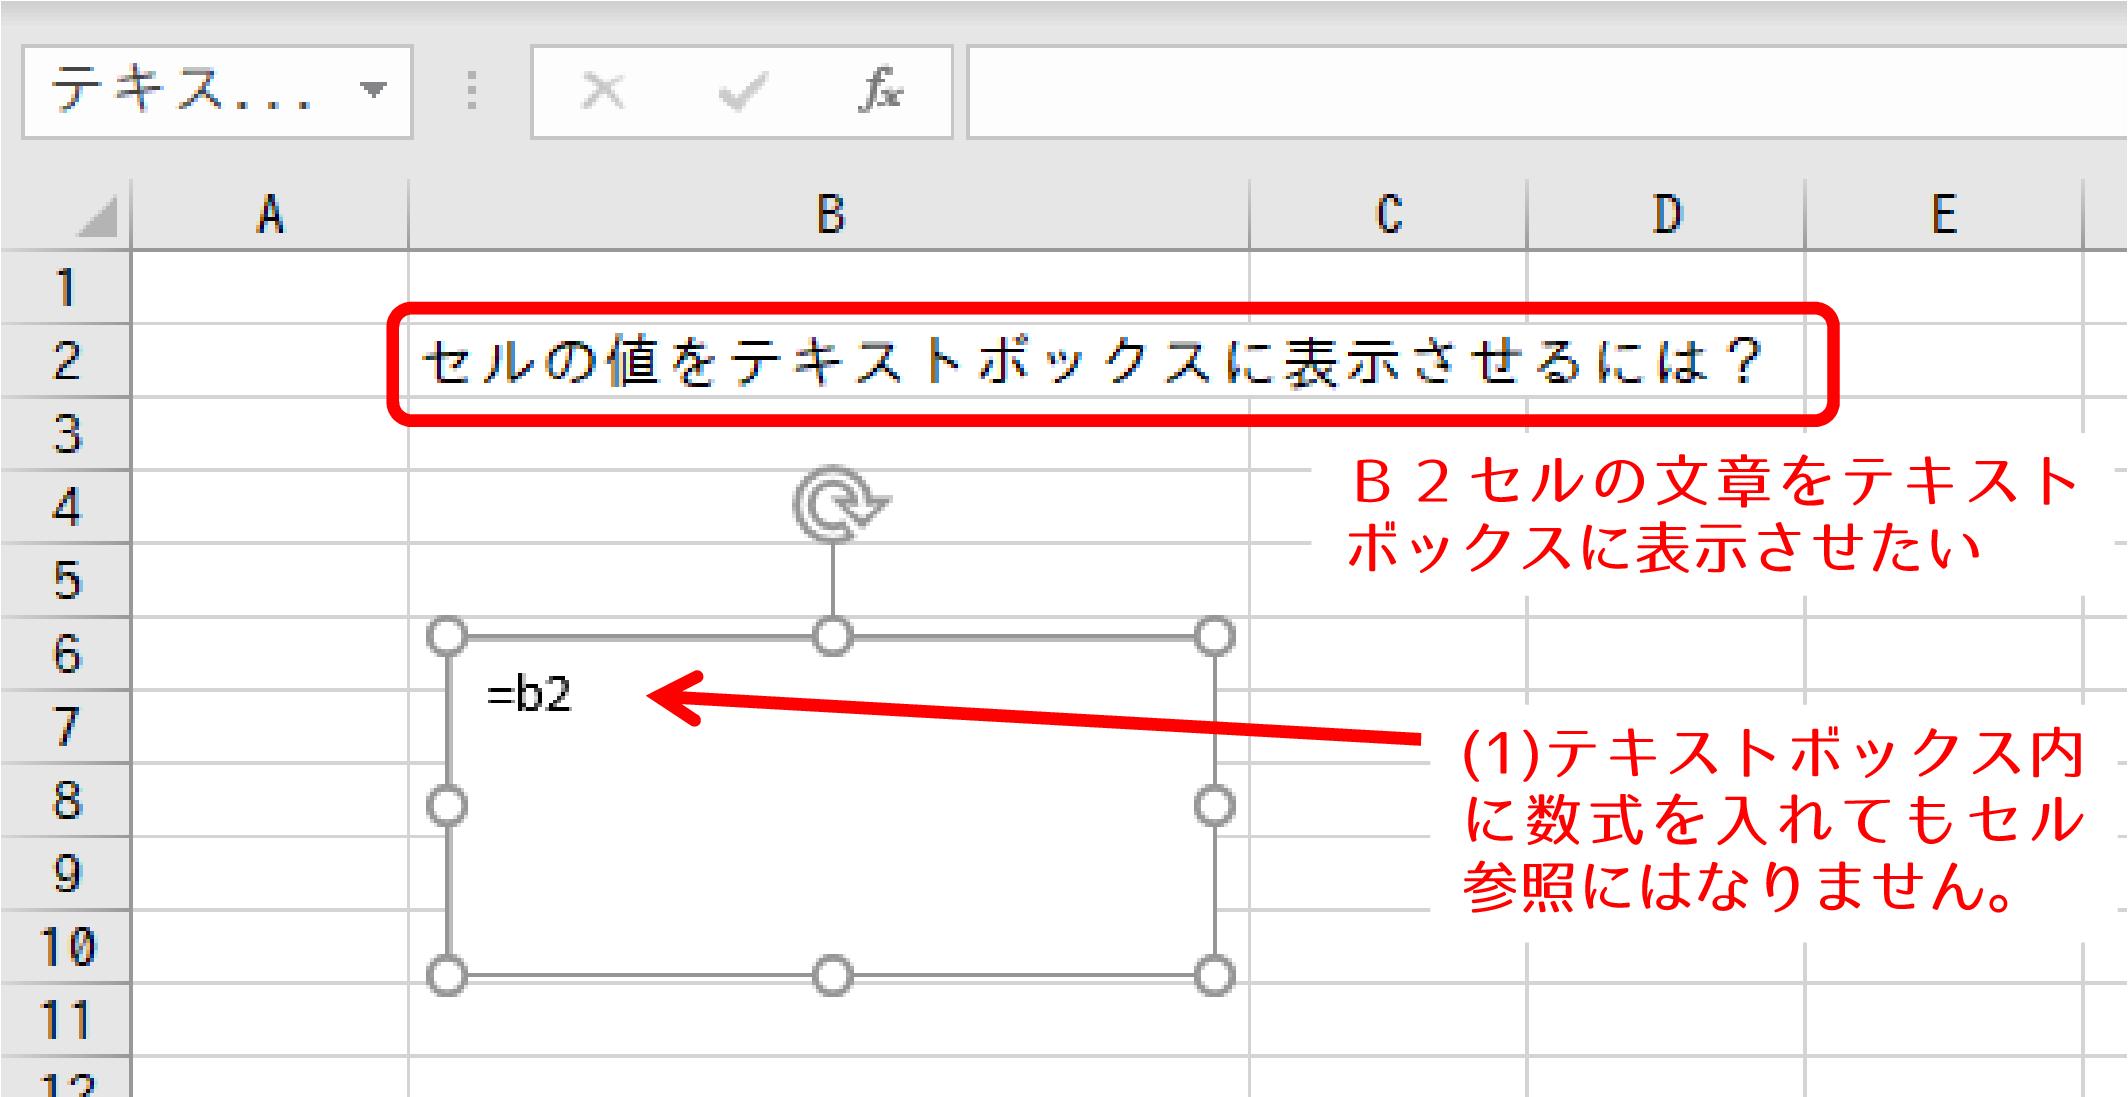 ファイル 26-1.png